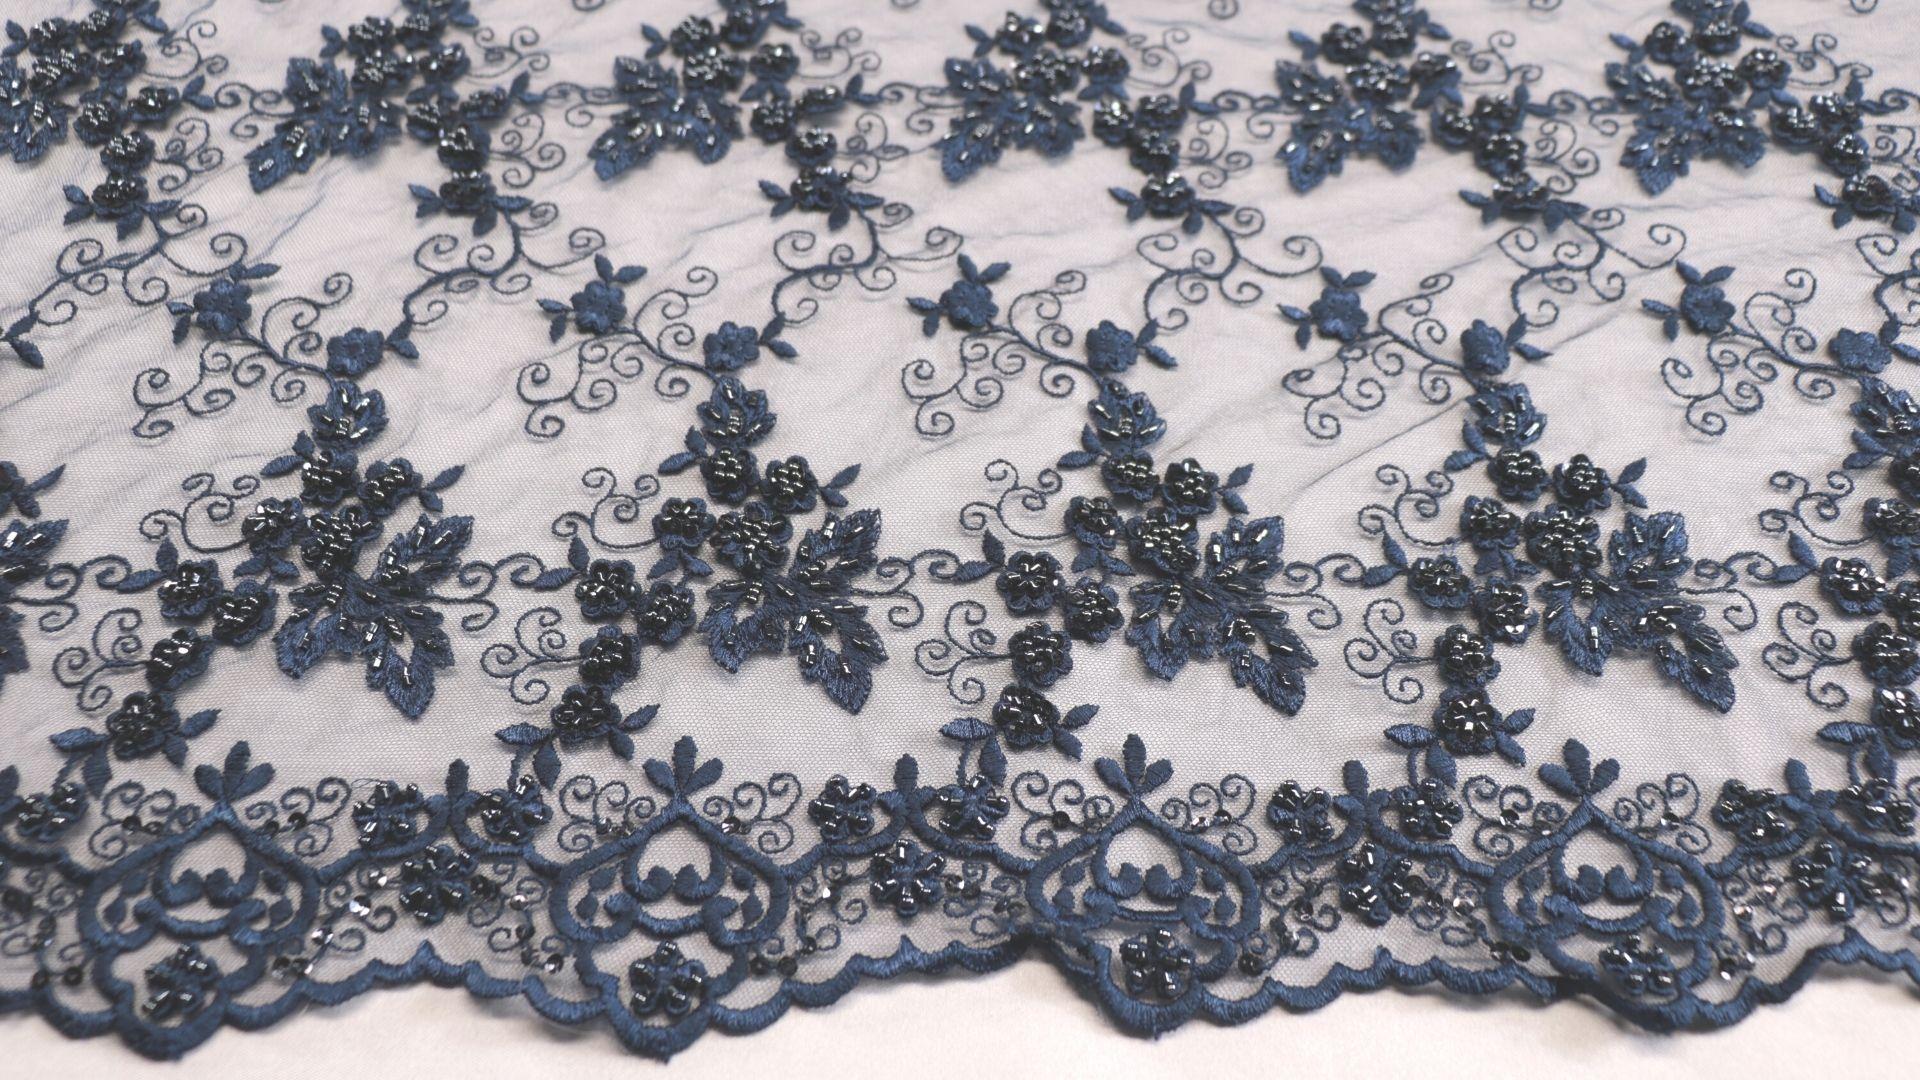 il particolare del tessuto dr7017, appartenente alla categoria ricami con accessori, di Leadford & Logan